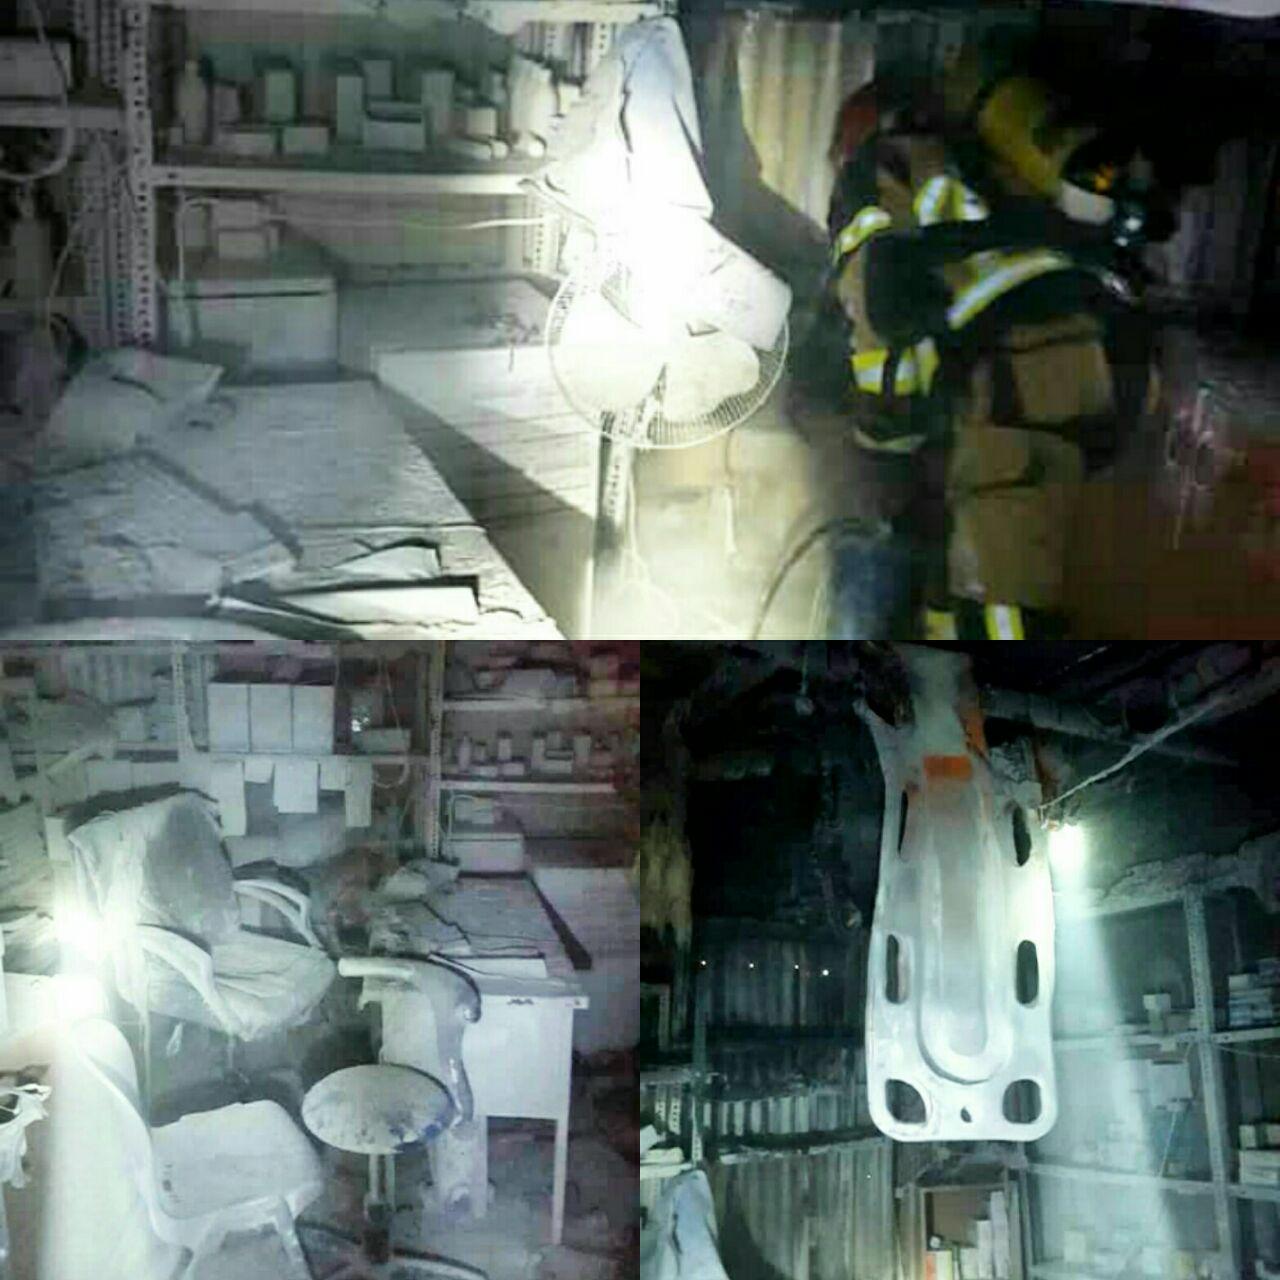 آتشسوزی انبار بیمارستان شهید رجایی قزوین مهار شد